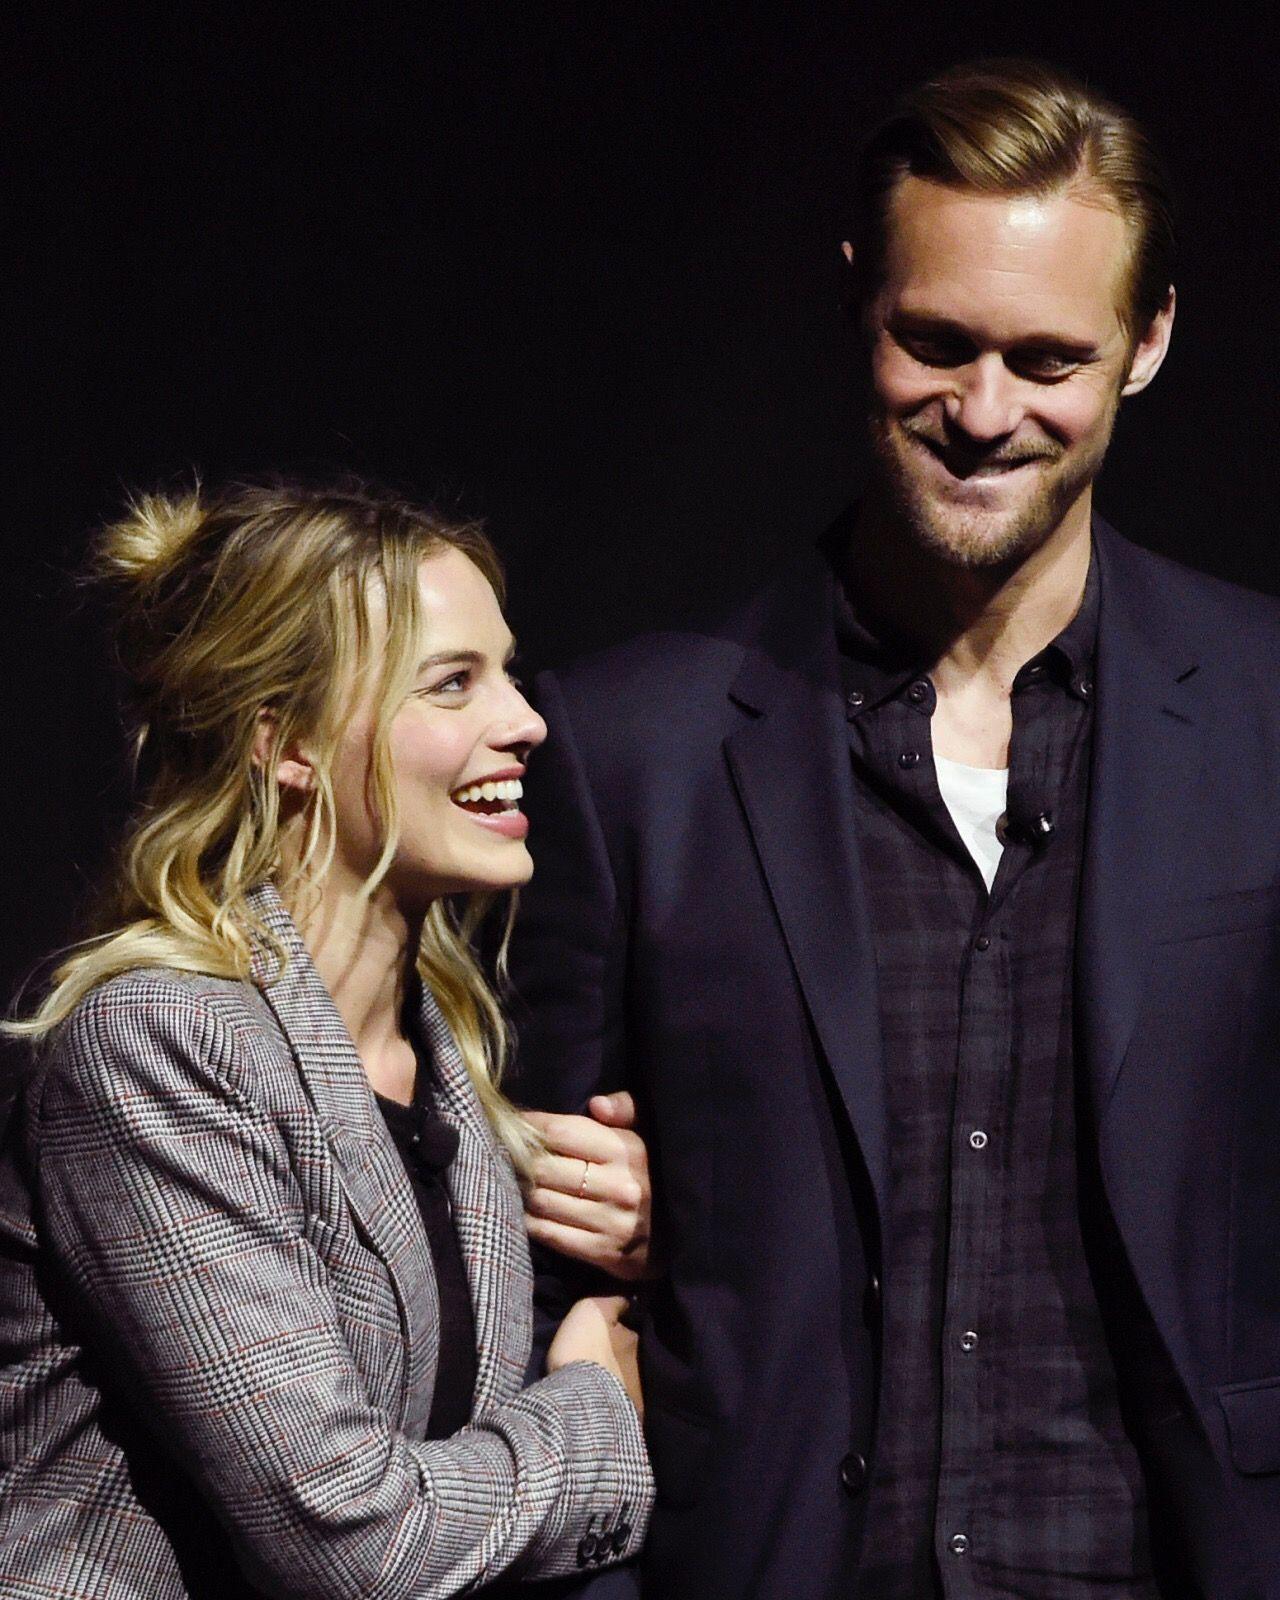 Emilia clarke e alexander skarsgard dating